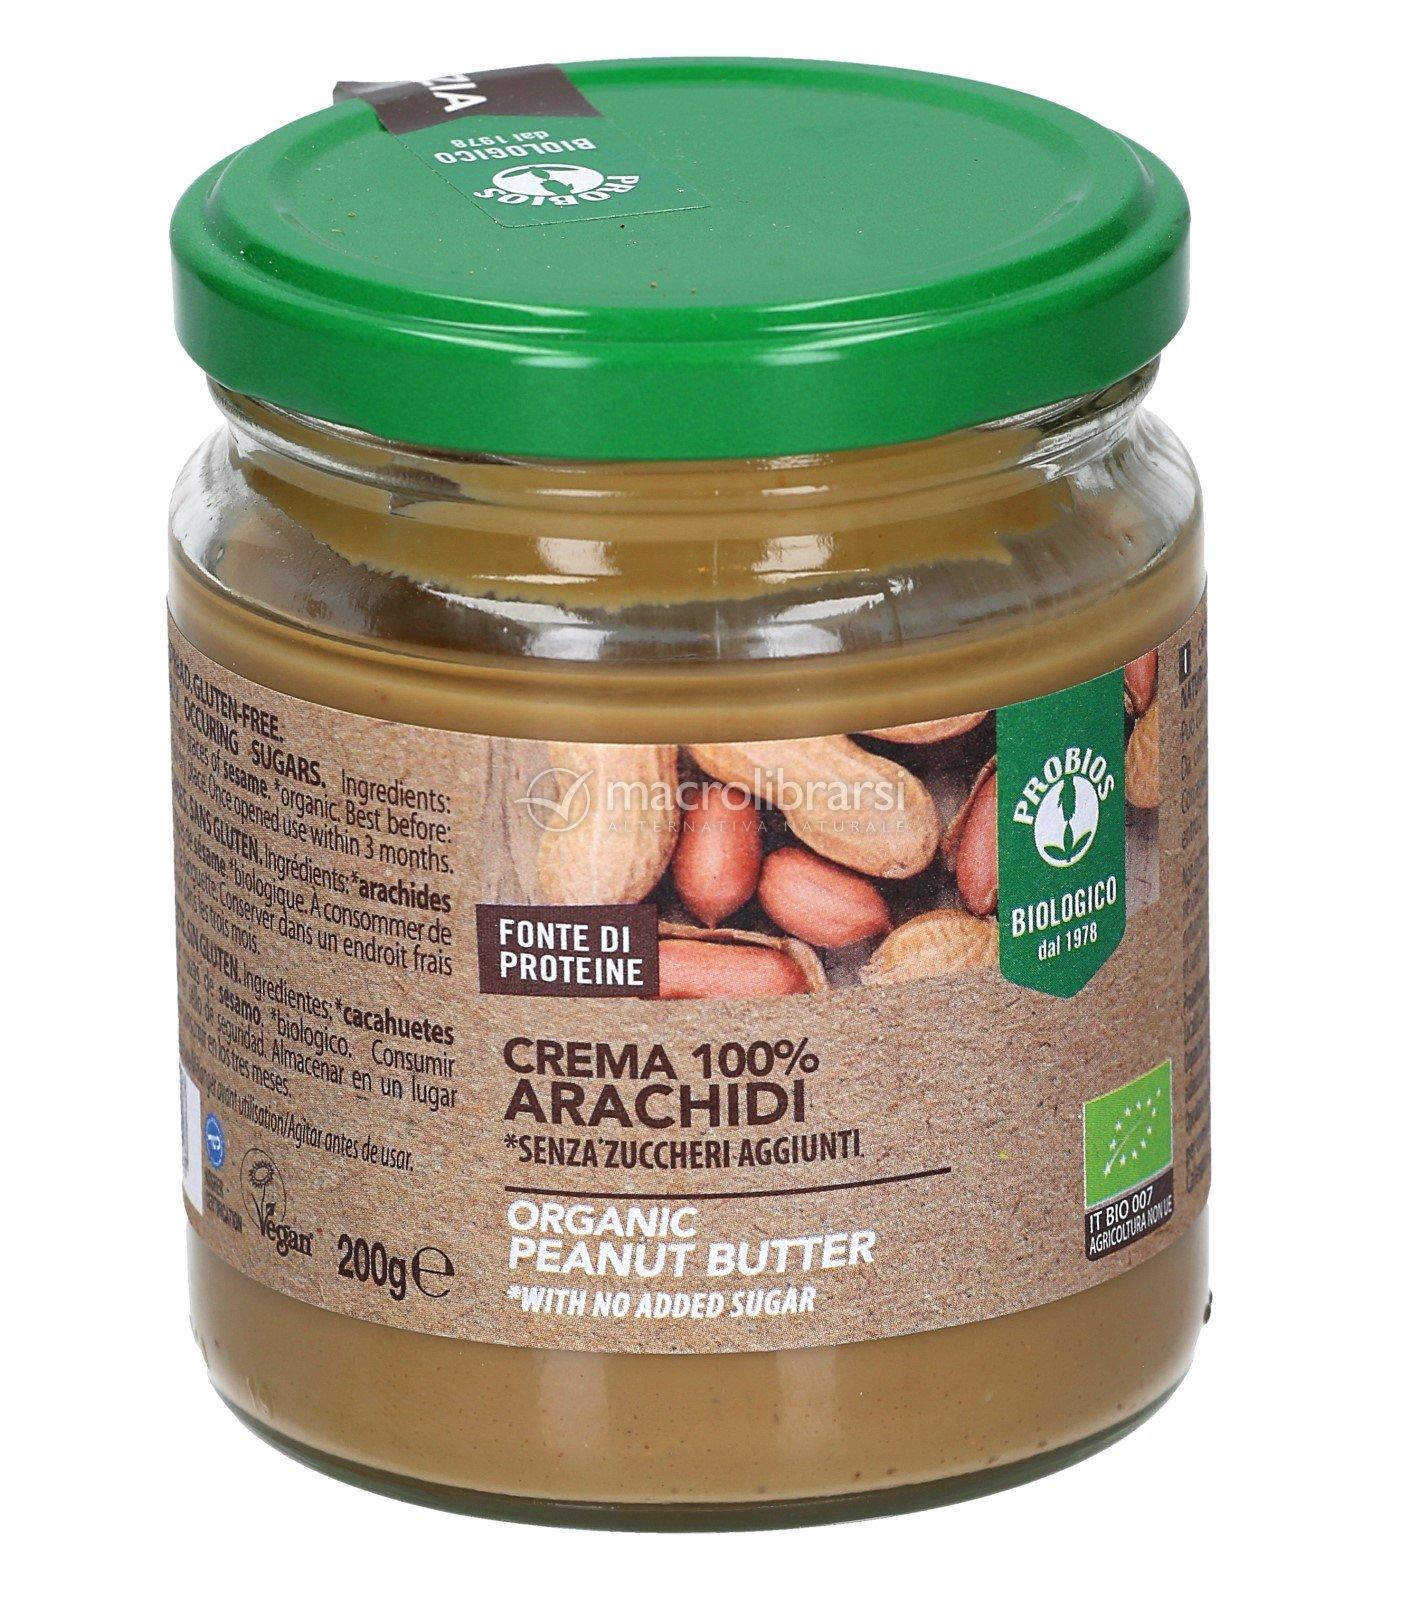 Crema Di Arachidi 100 Di Probios Alimenti Macrolibrarsi It